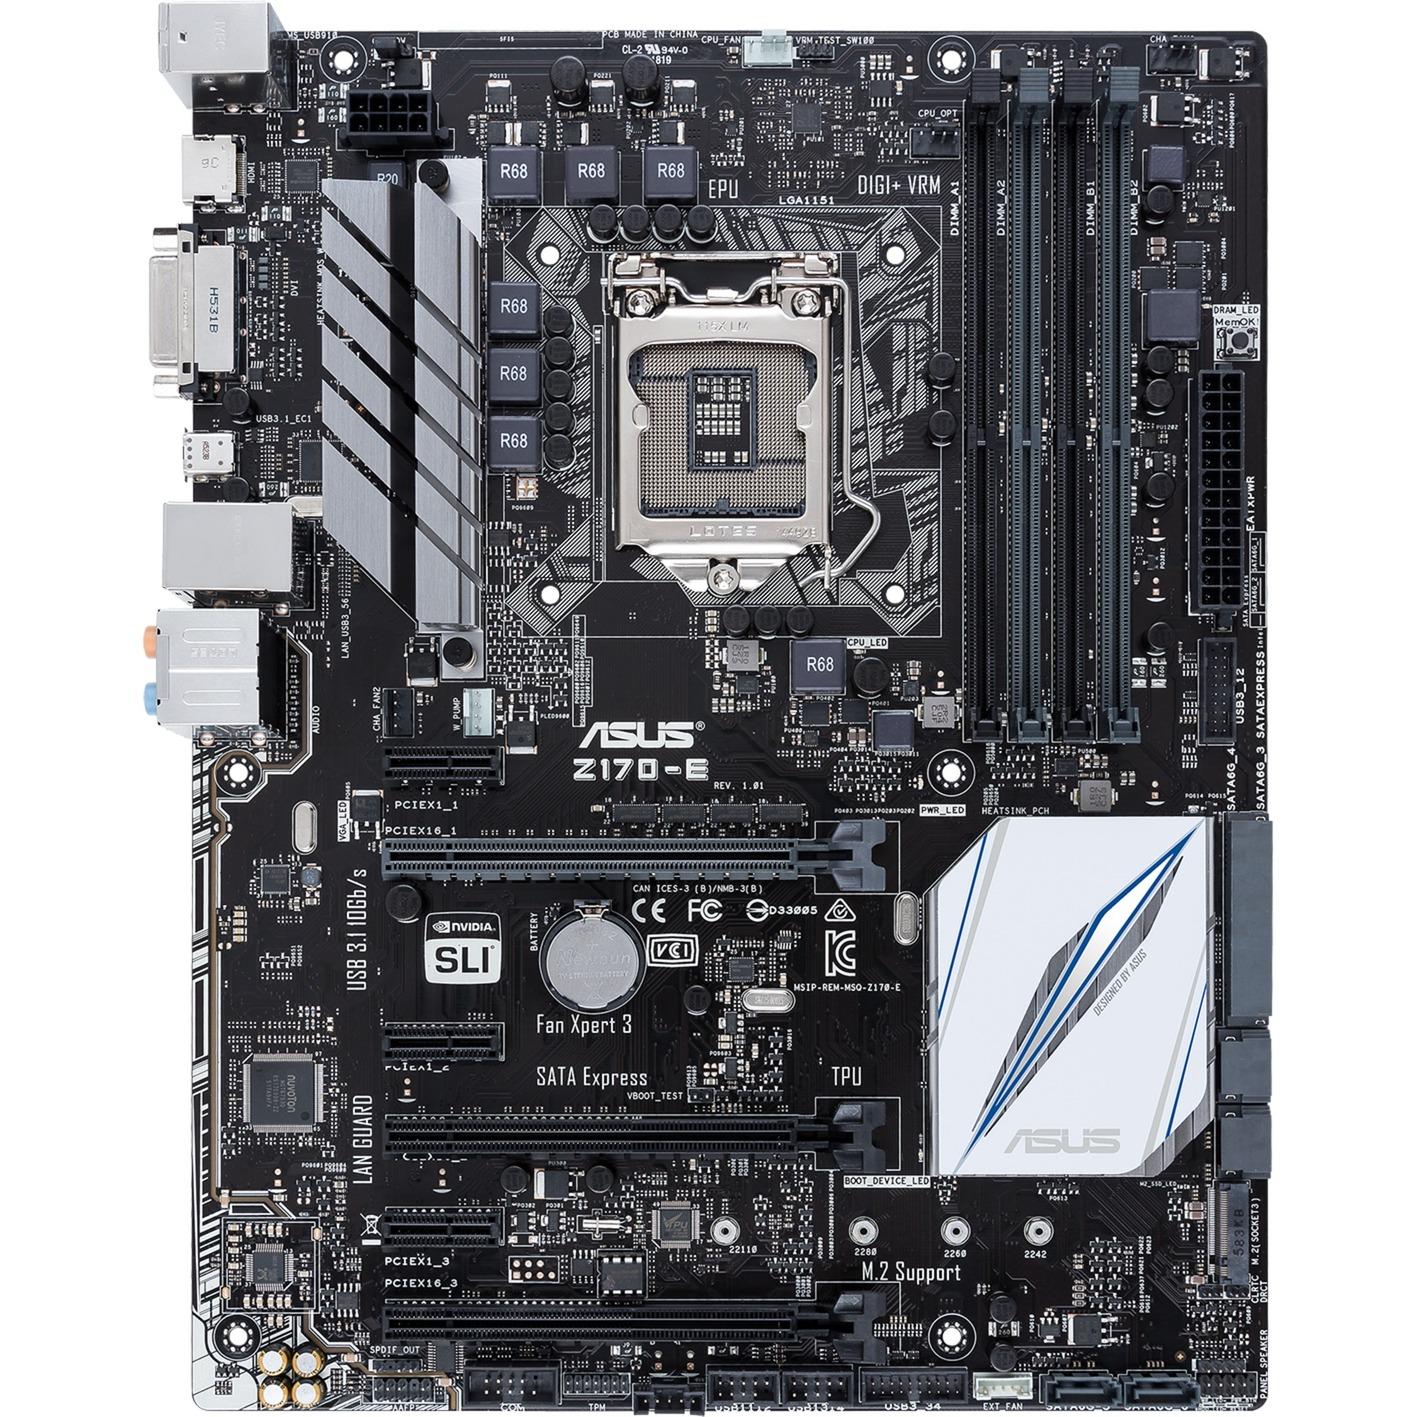 Z170-E Intel Z170 LGA 1151 (Socket H4) ATX placa base